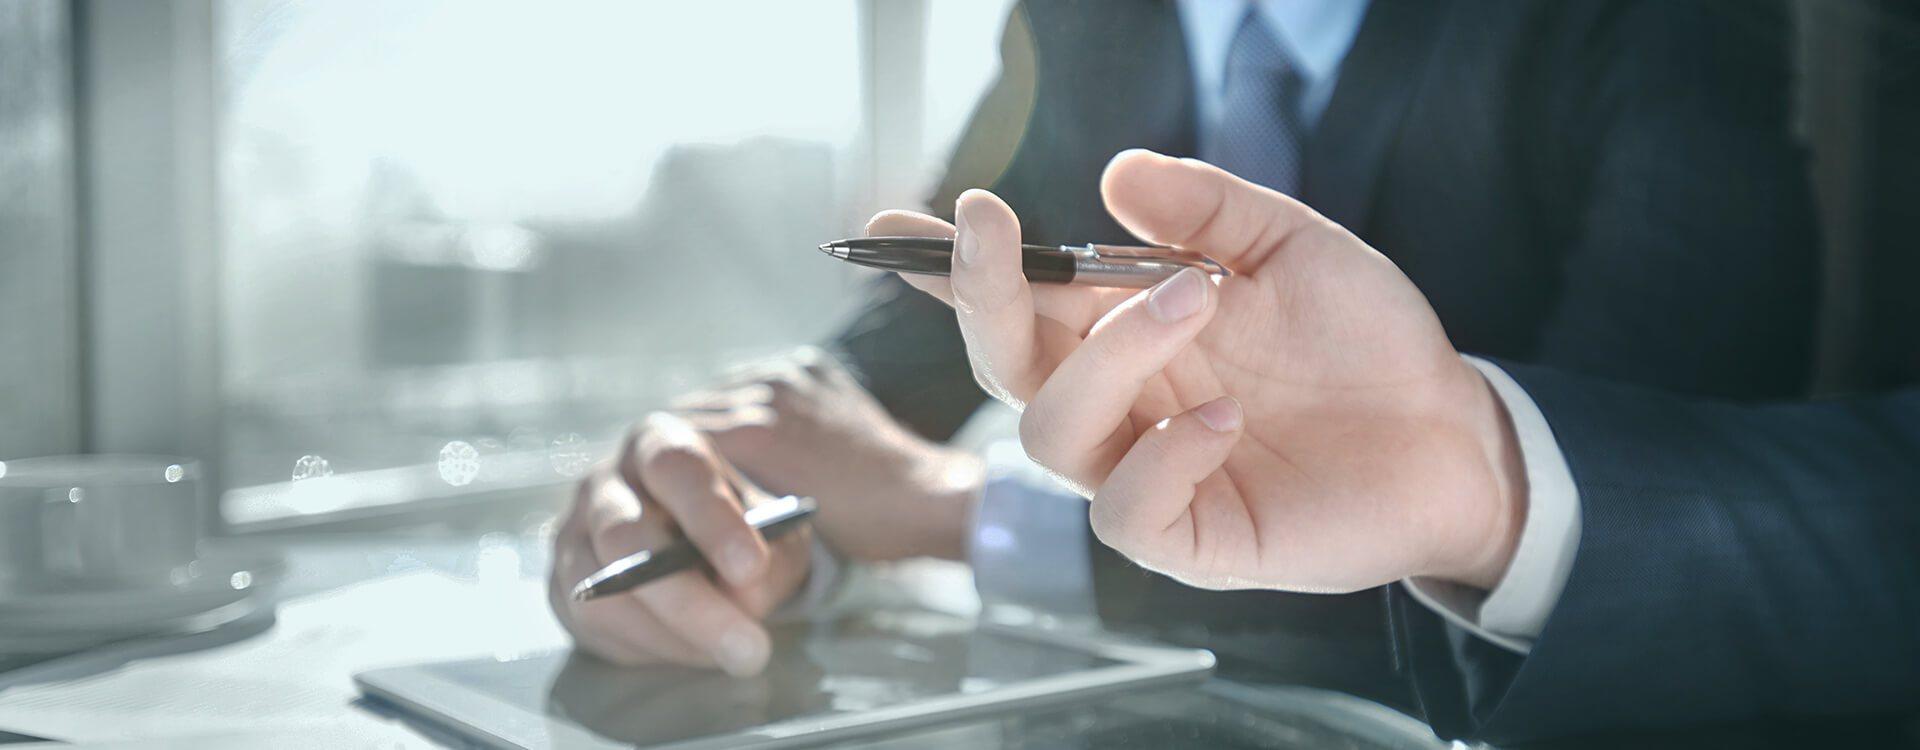 Rechtsanwalt Insolvenz Insolvenzrecht